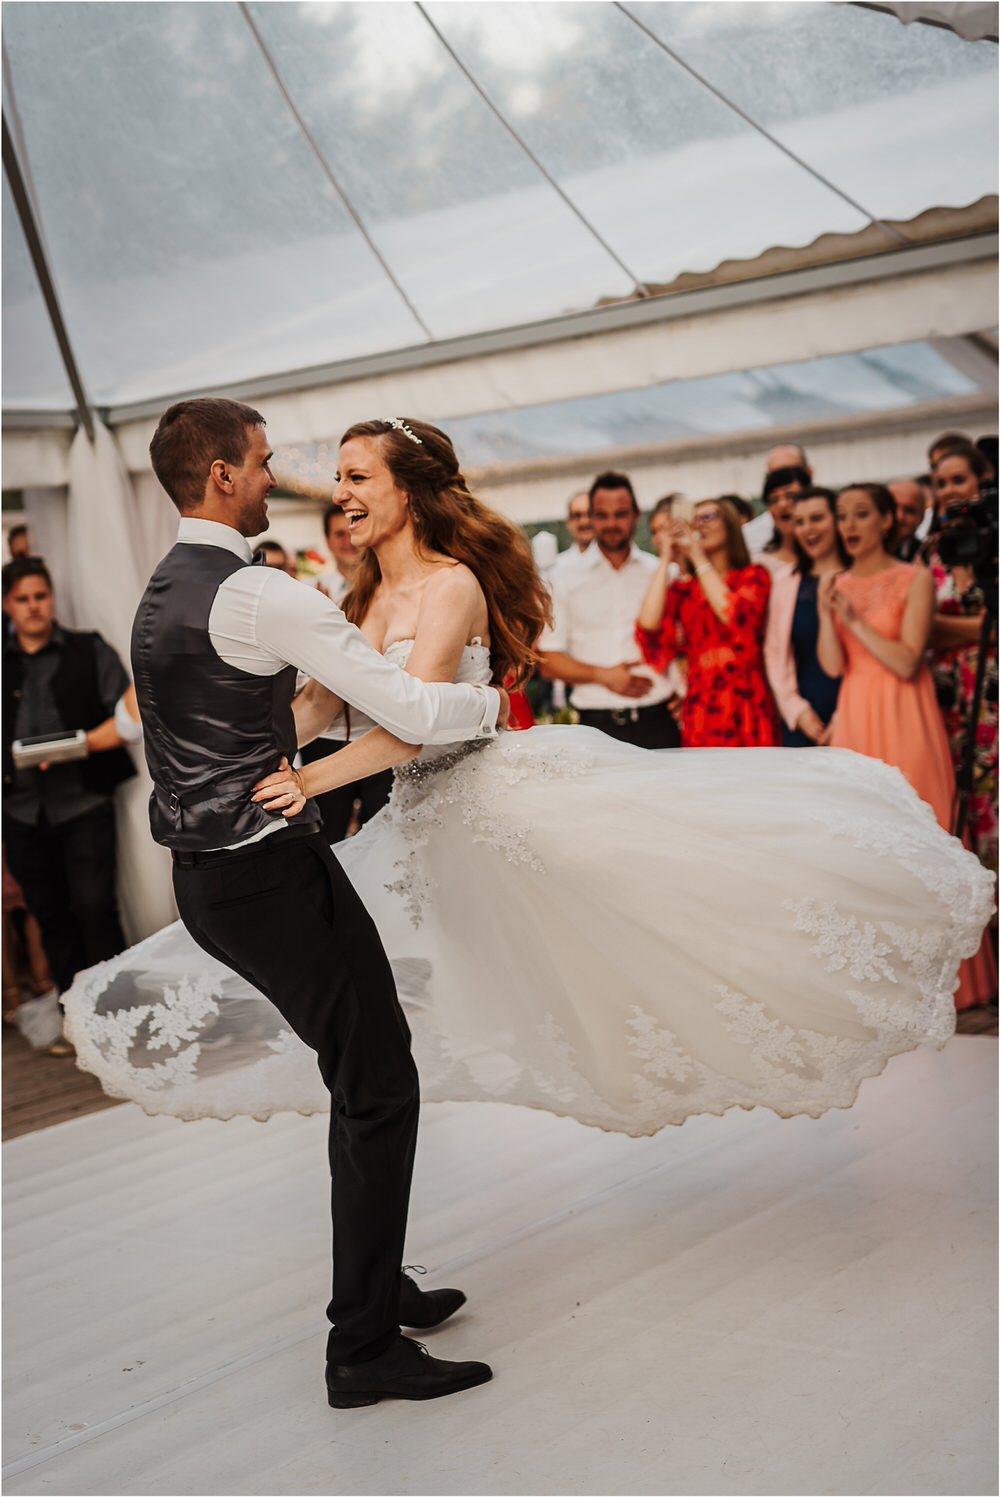 zicka kartuzija poroka porocni fotograf fotografija luka in ben loce elegantna poroka slovenski porocni fotograf  0109.jpg